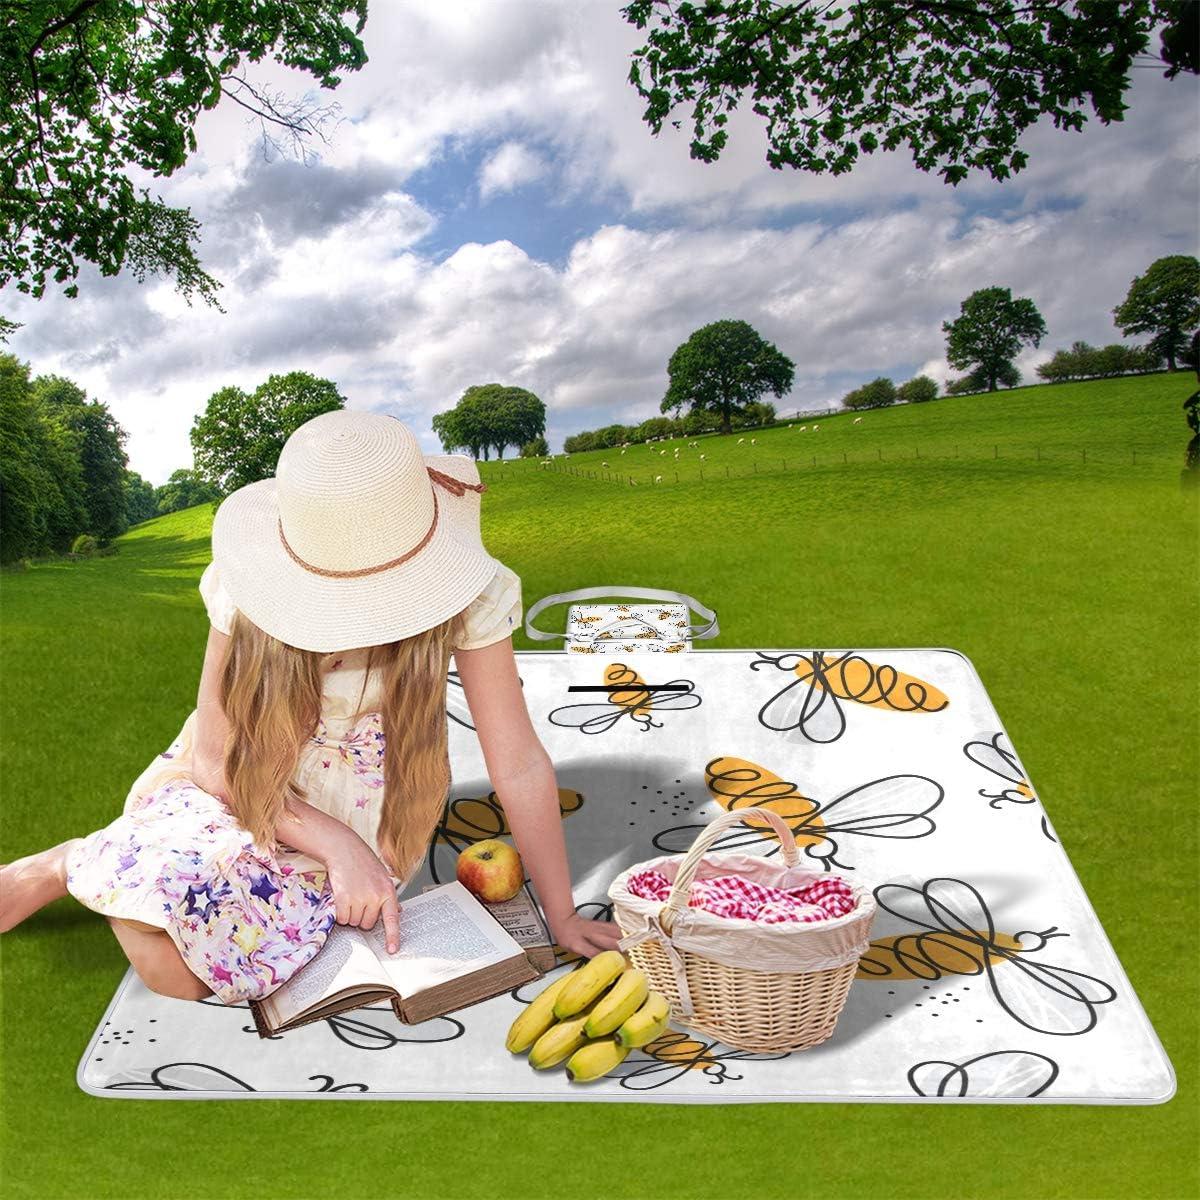 XINGAKA Coperta da Picnic Tappetino Campeggio,Raccolta Disegnata a Mano di Scarabocchio impreciso della Birra Senza Cuciture,Giardino Spiaggia Impermeabile Anti Sabbia 6